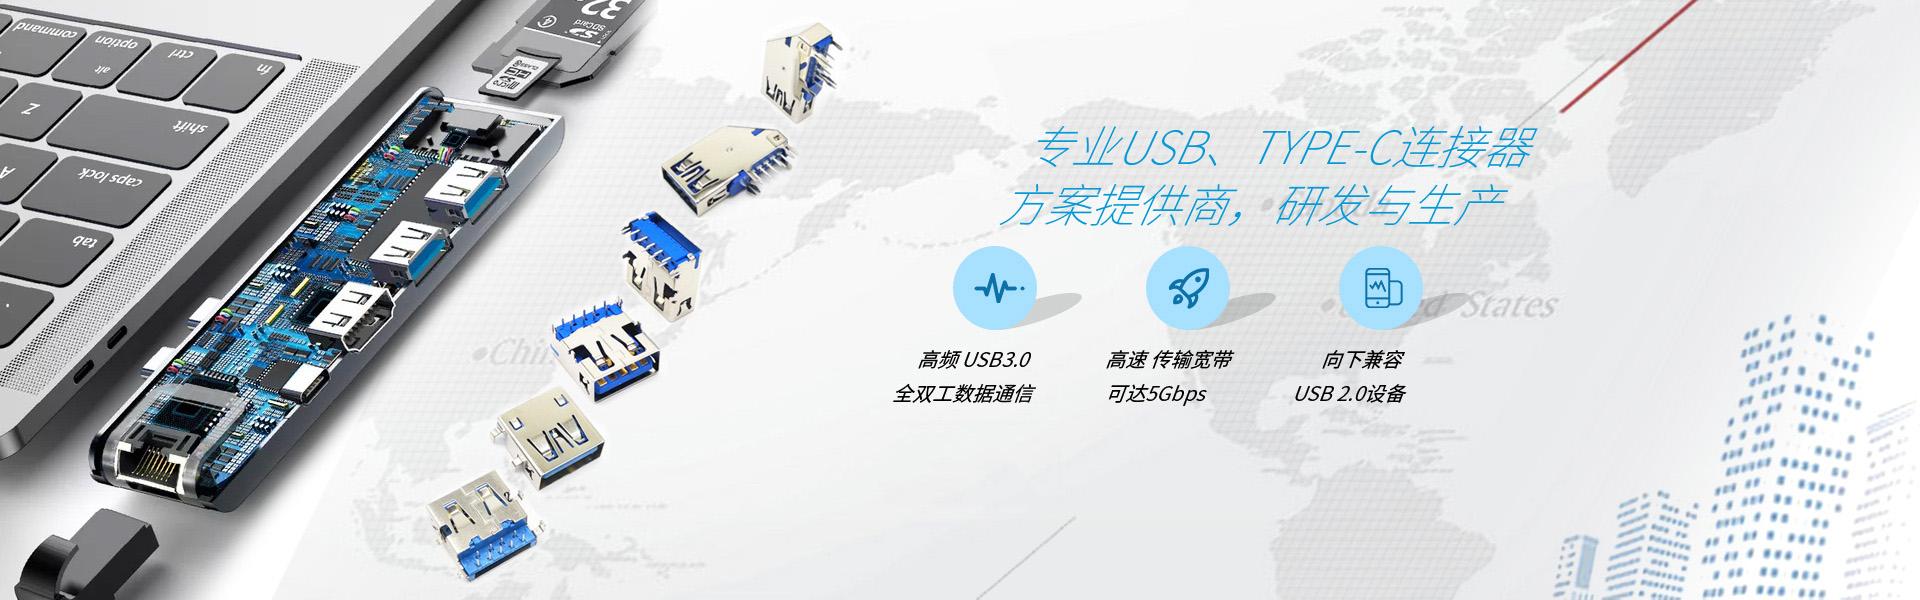 type-c连接器,深圳type-c厂家